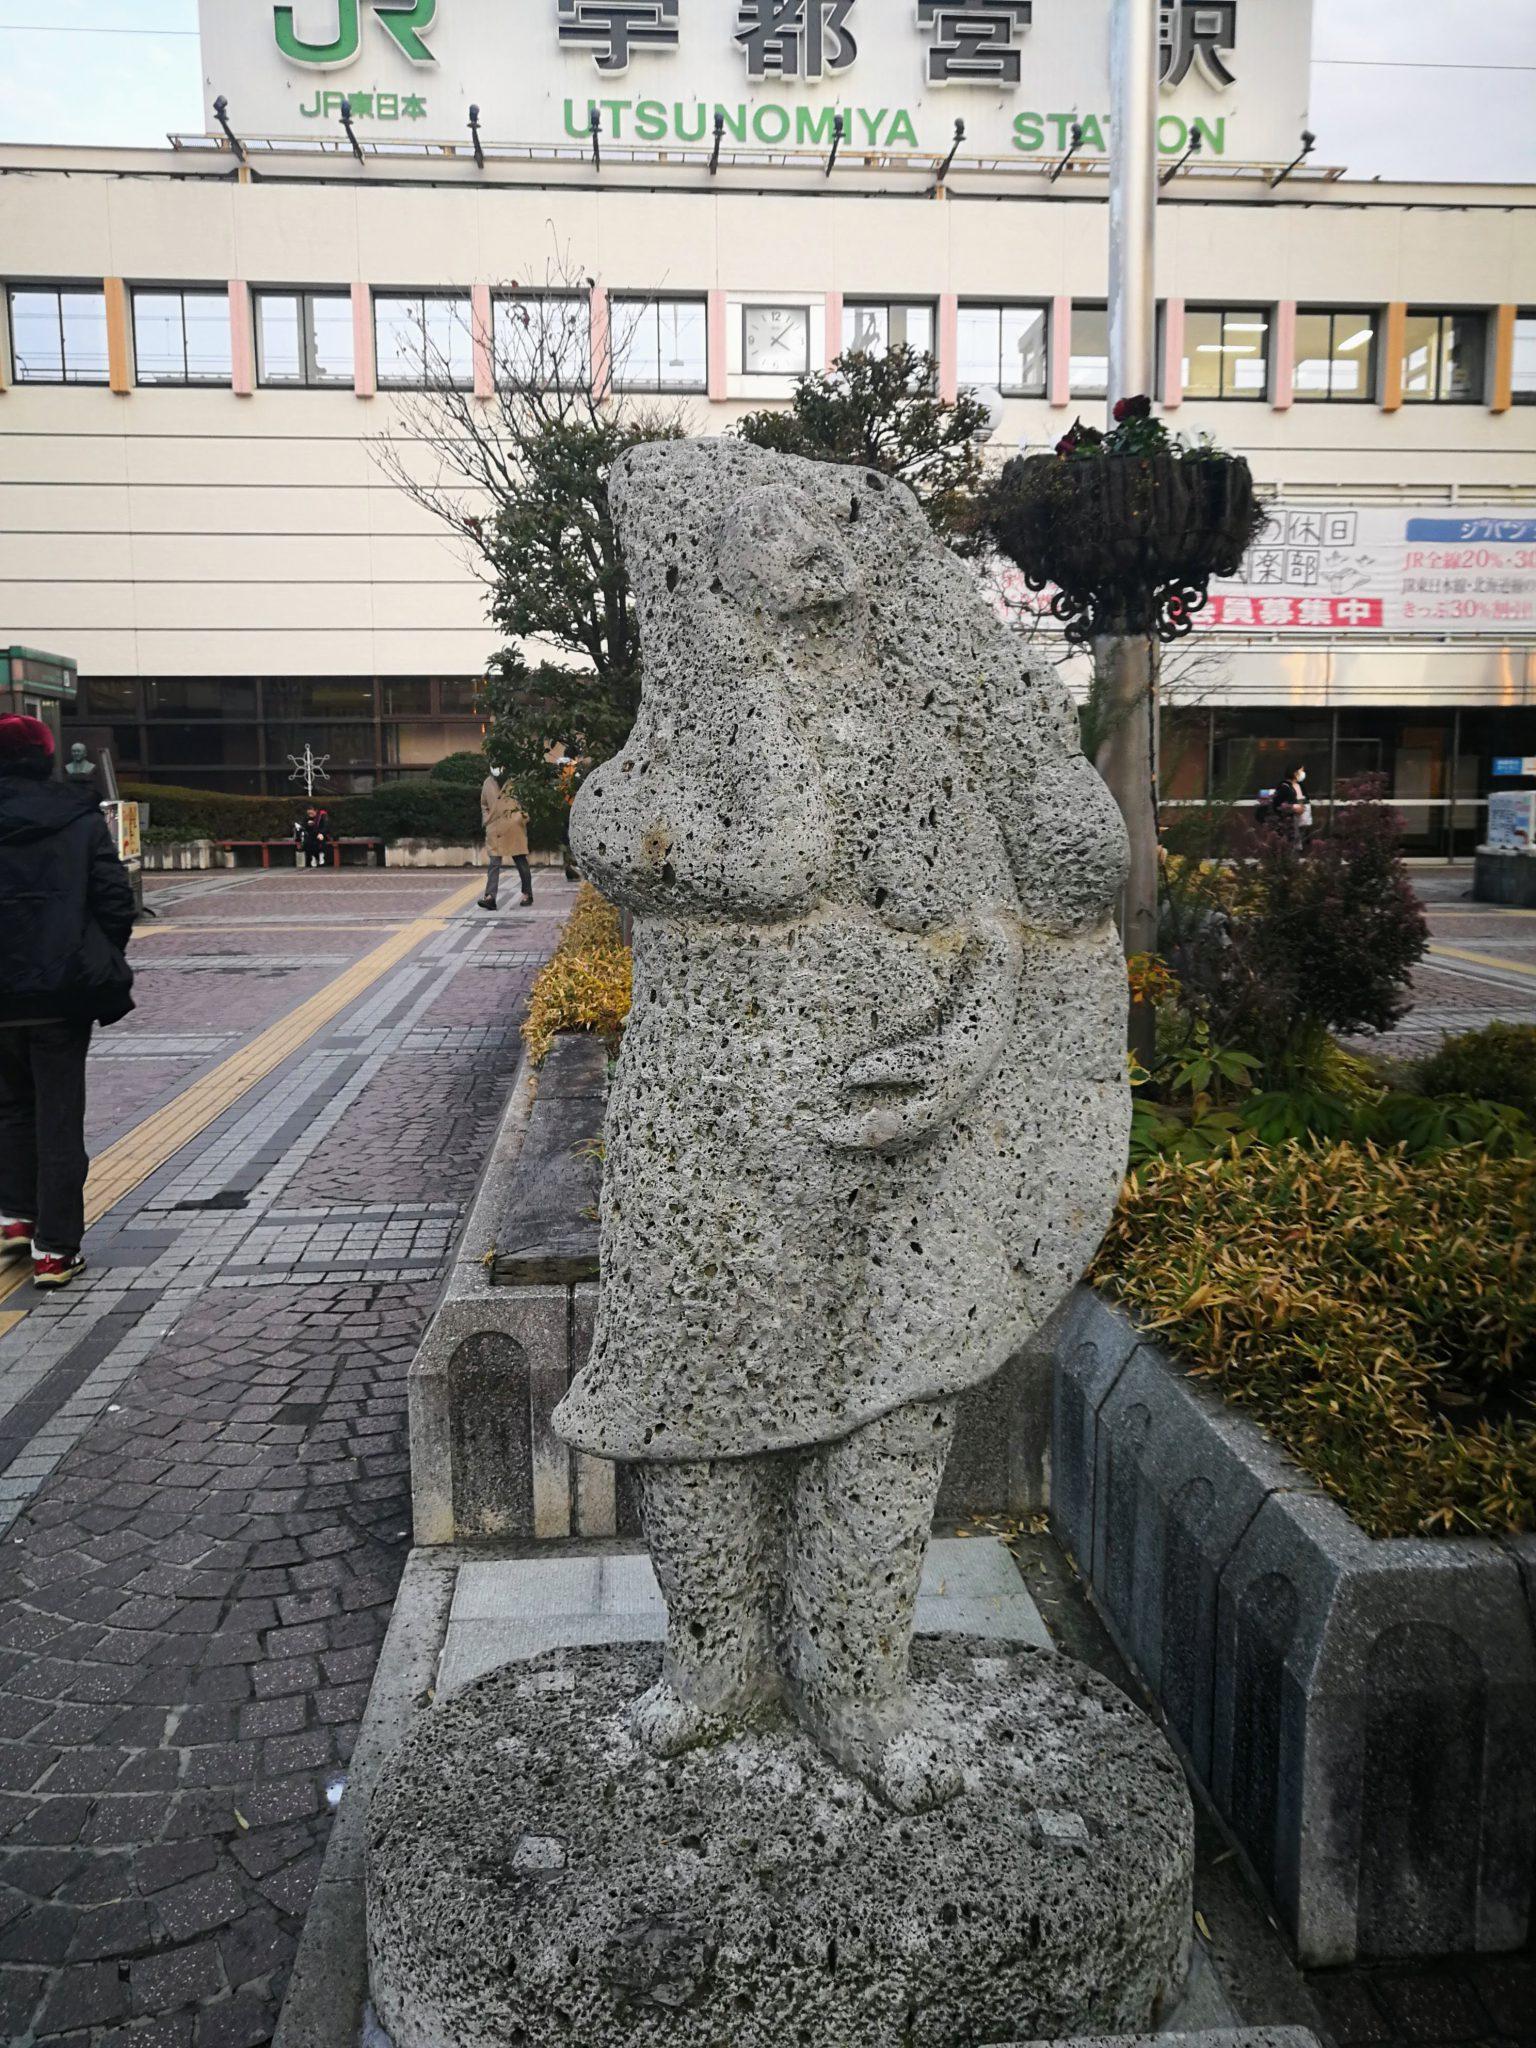 地元民も知らなかった!? JR宇都宮駅の餃子像の真実